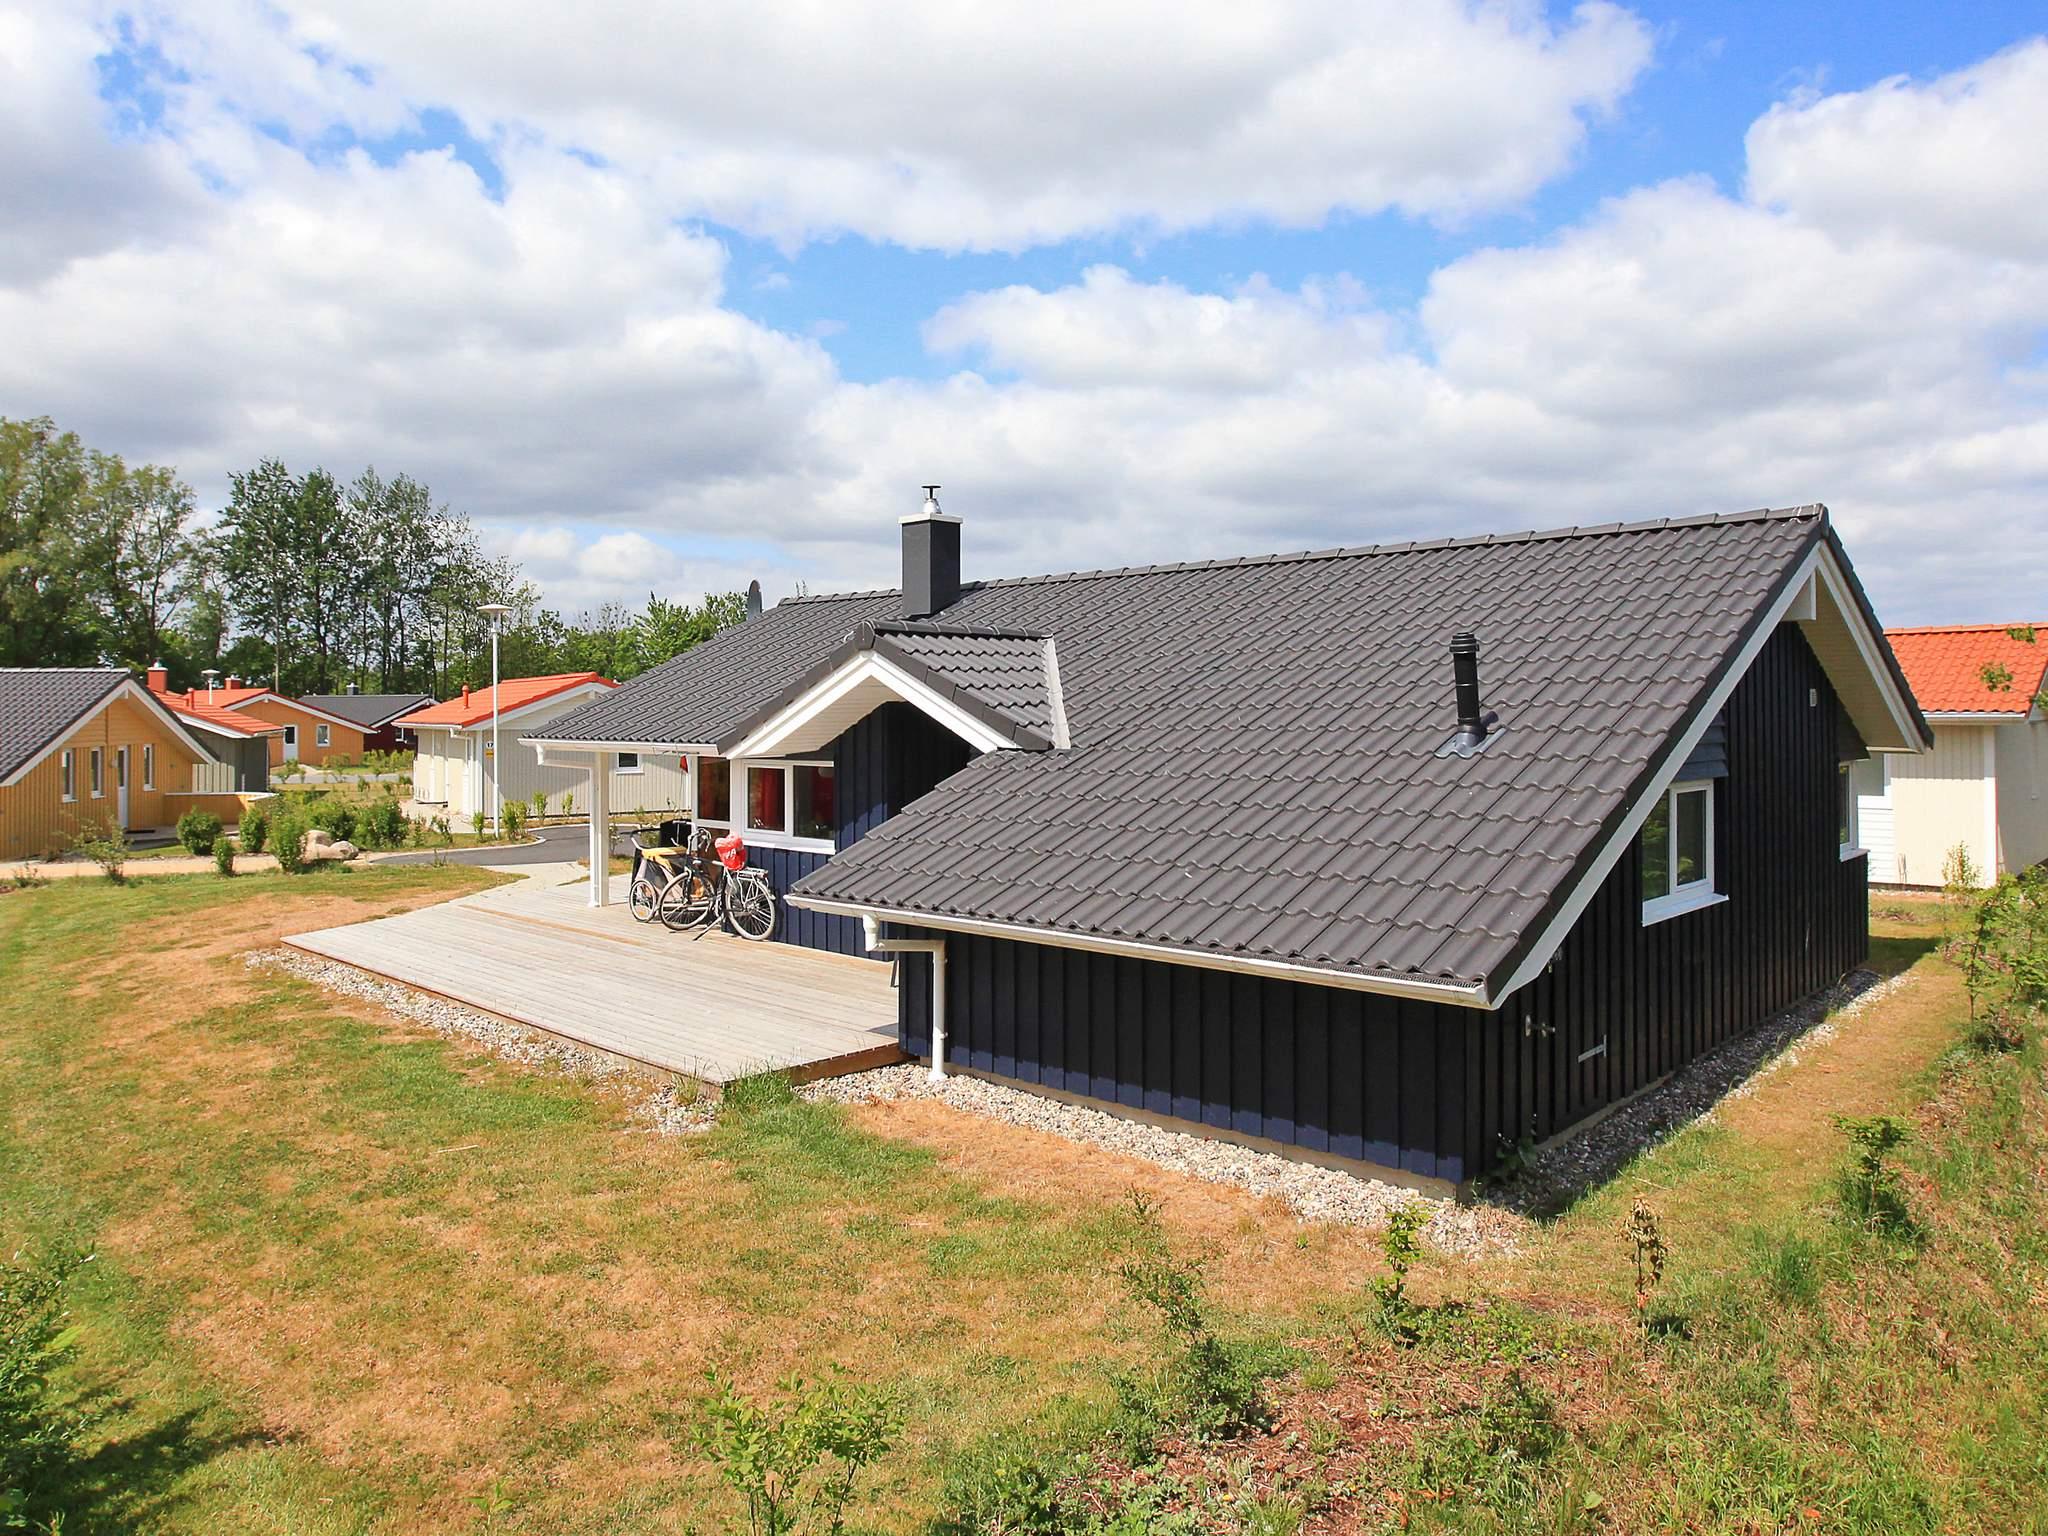 Maison de vacances Grömitz (433402), Grömitz, Baie de Lübeck, Schleswig-Holstein, Allemagne, image 13